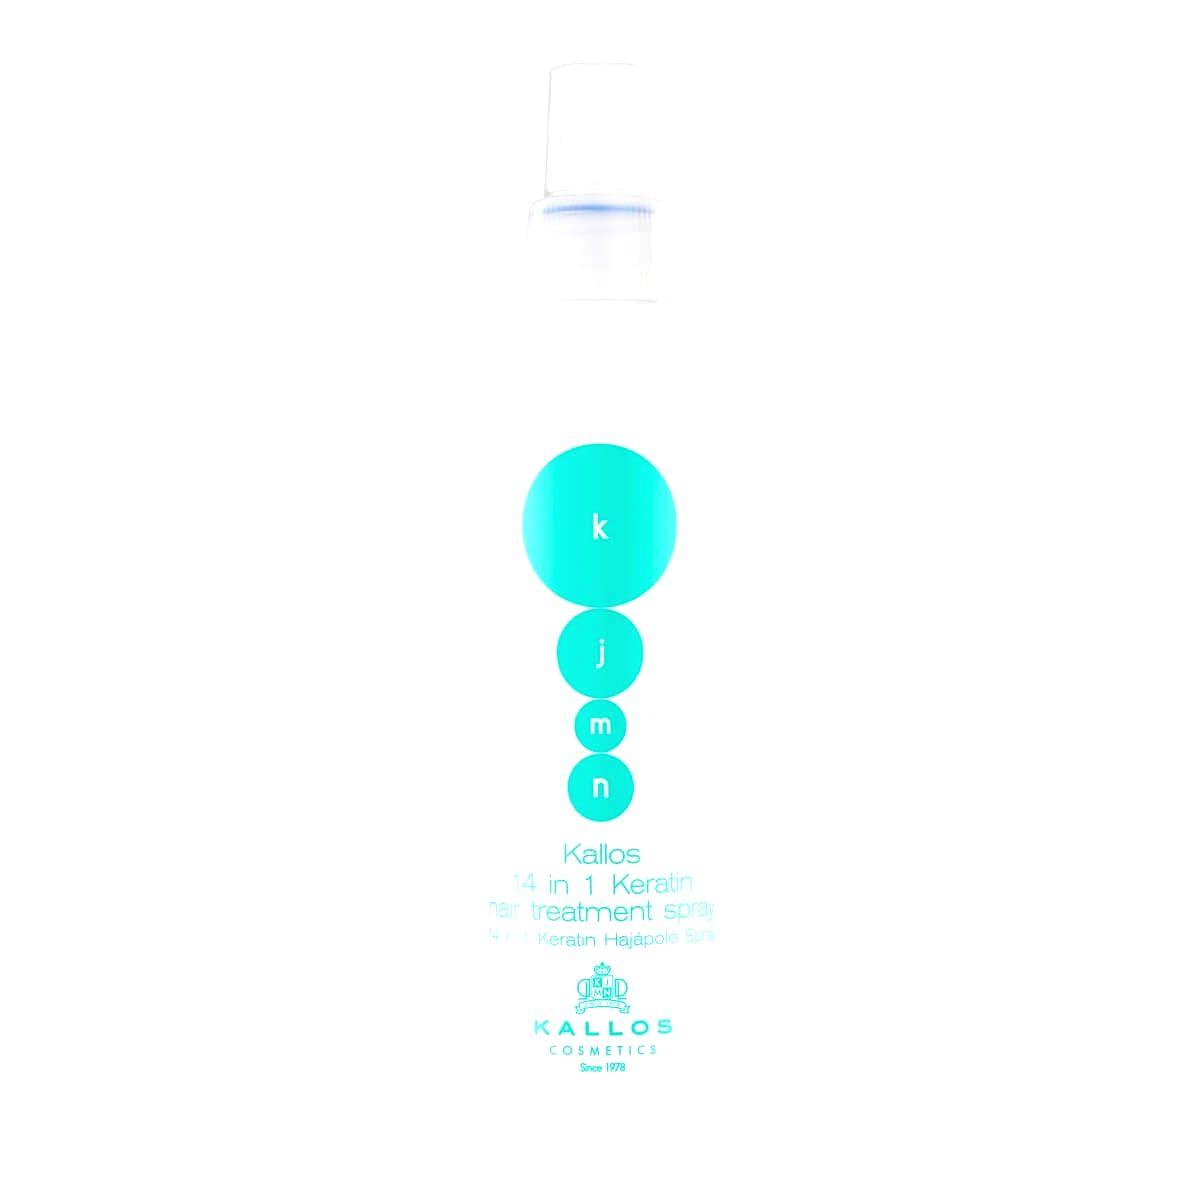 Kallos Ošetrujúce keratínová maska v spreji 14 v 1 KJMN (14 in 1 Keratin Hair Treatment Spray) 200 ml